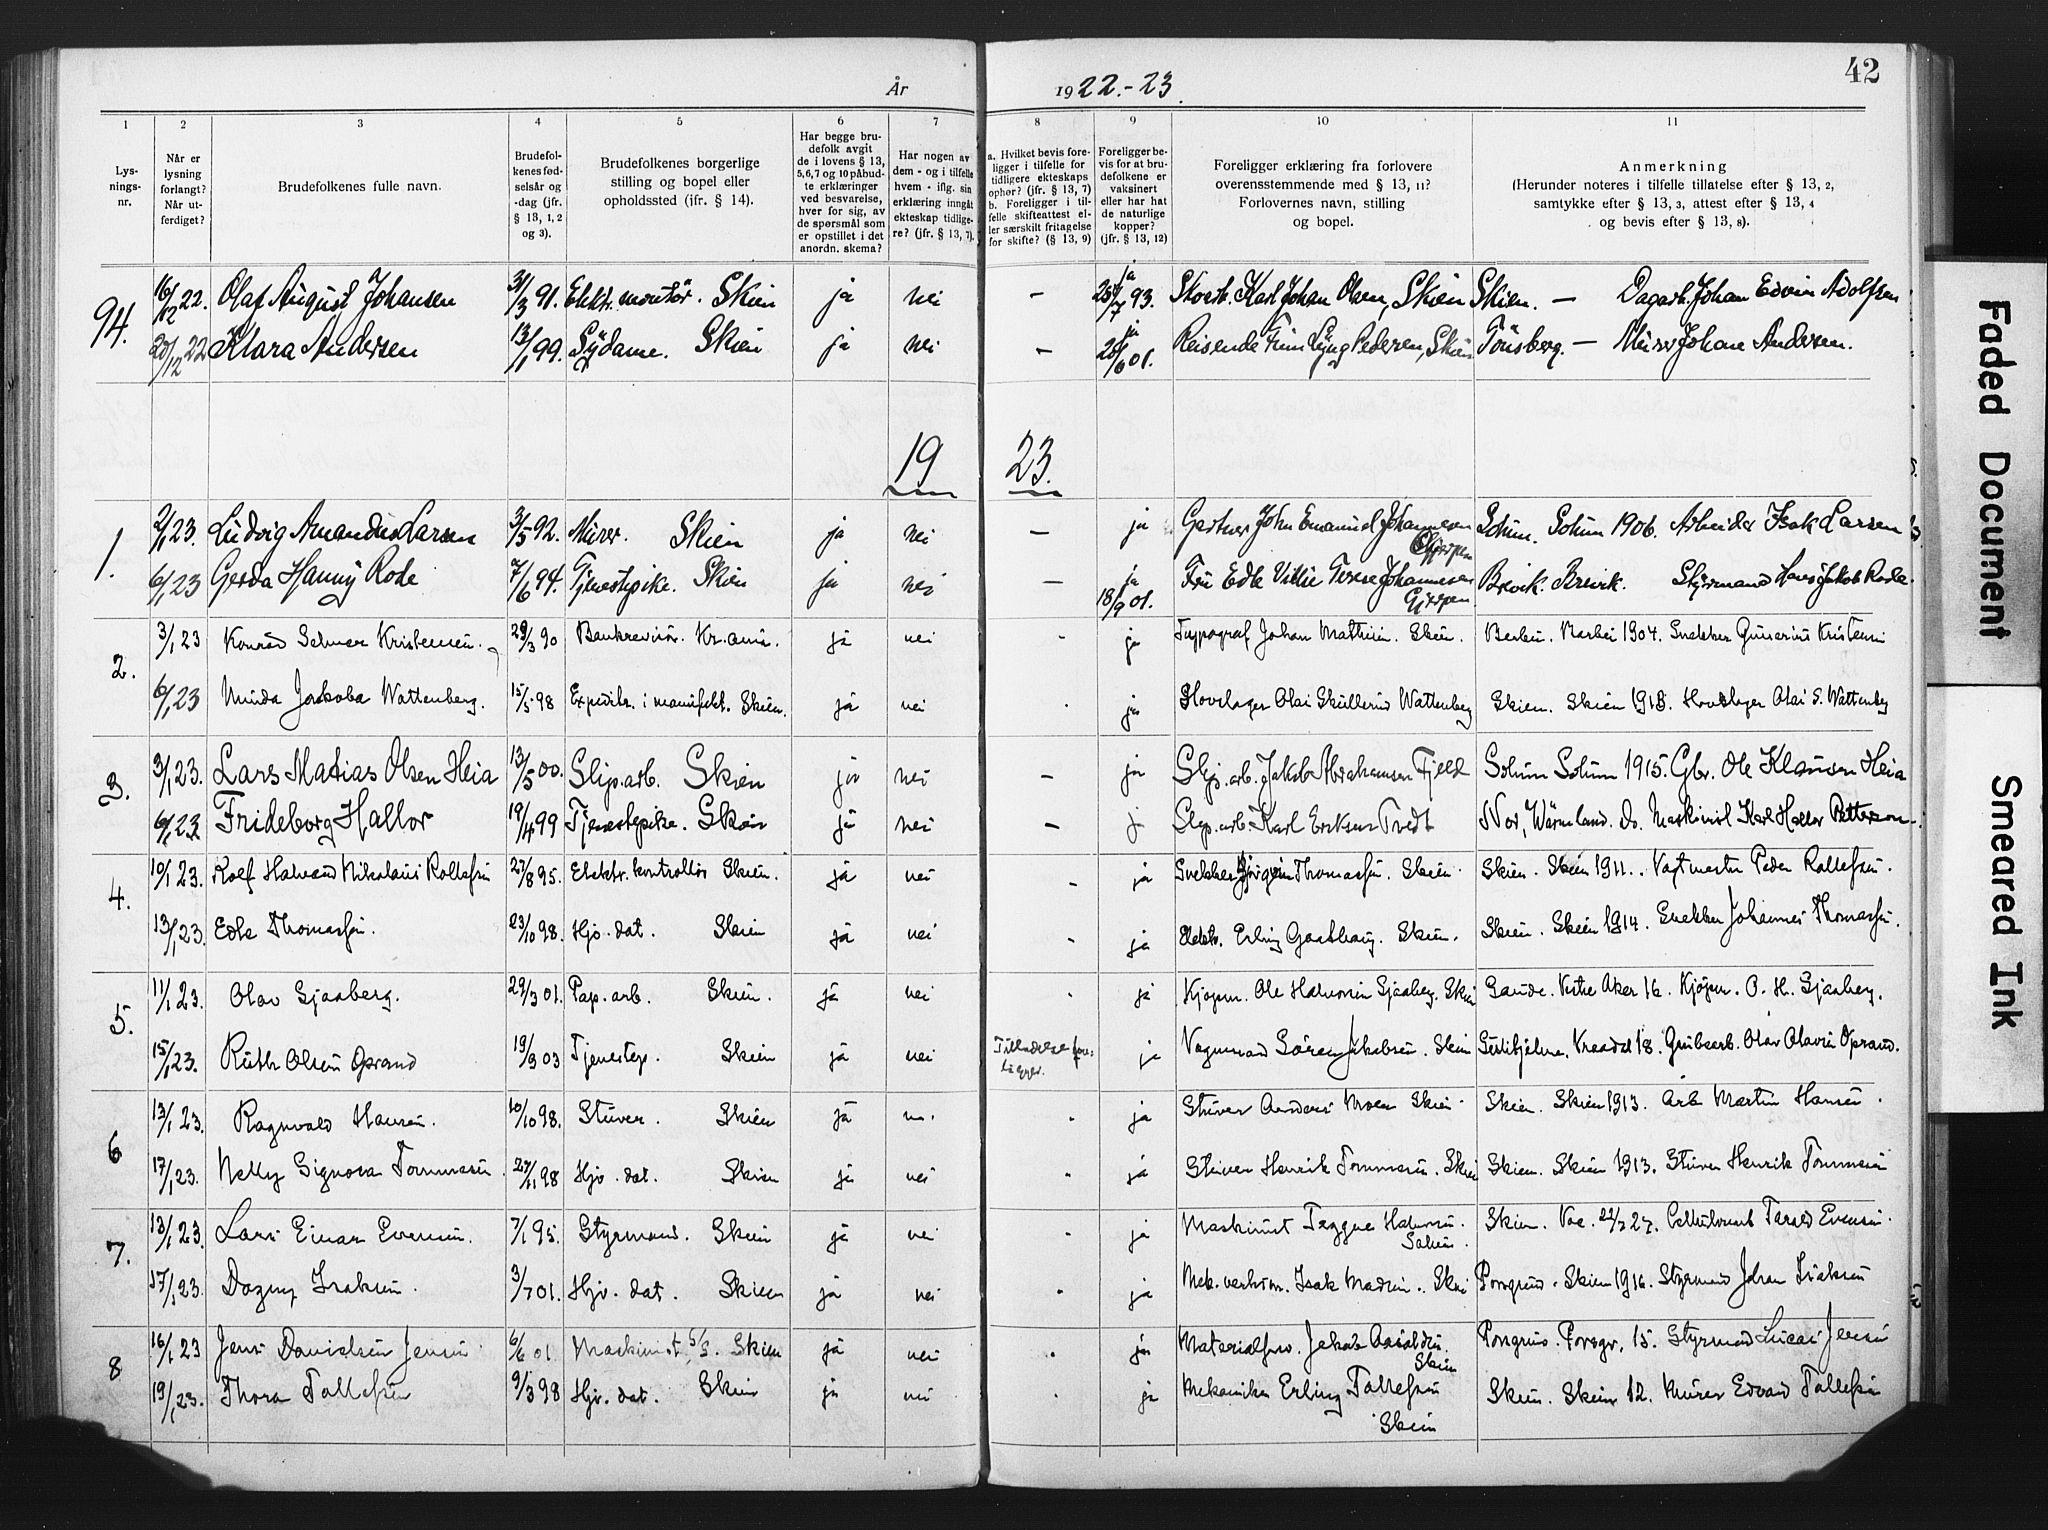 SAKO, Skien kirkebøker, H/Ha/L0001: Lysningsprotokoll nr. 1, 1919-1929, s. 42